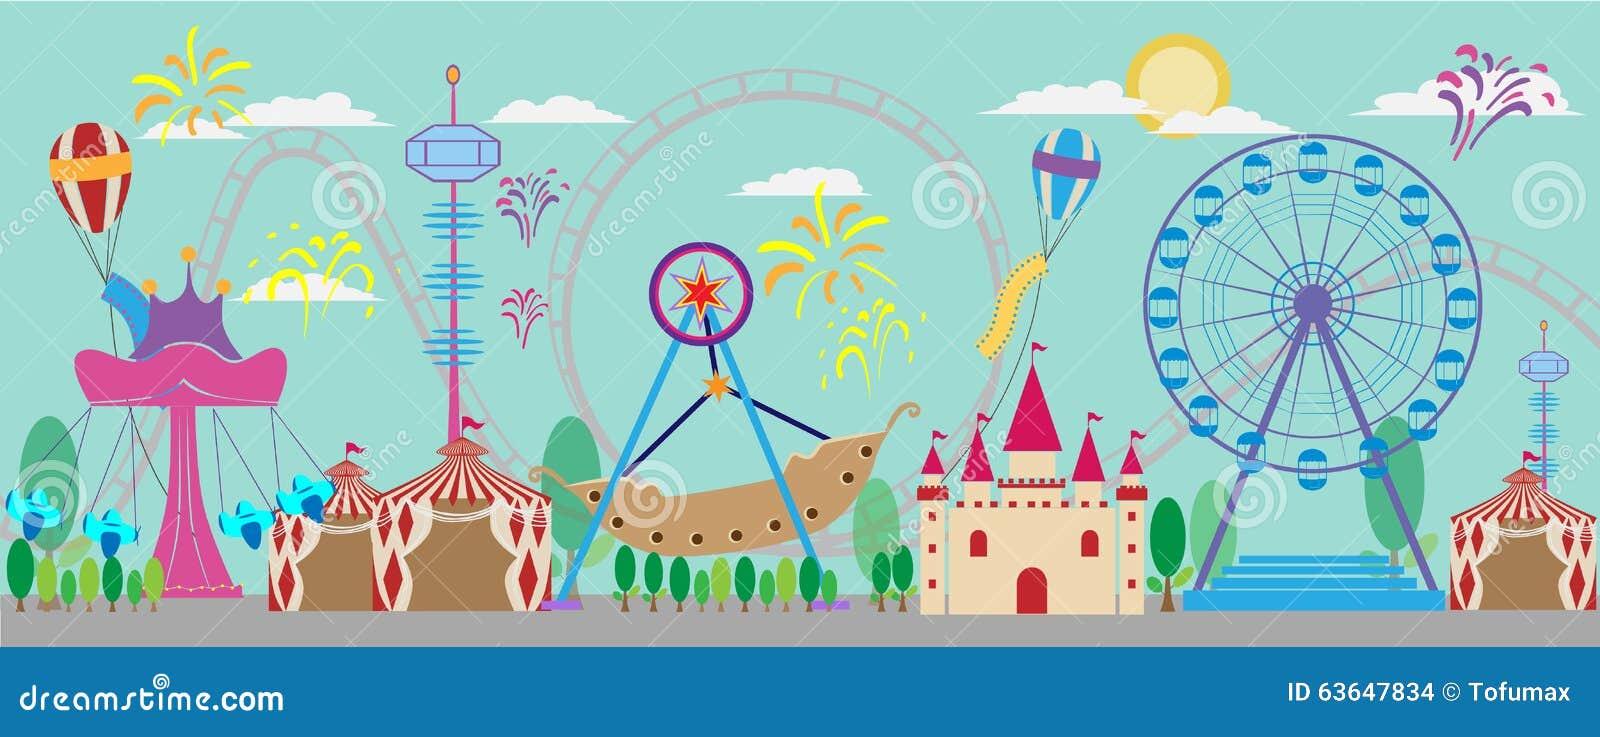 Parque, diversión, vector, carnaval, justo, rodillo, tienda, diversión, circ